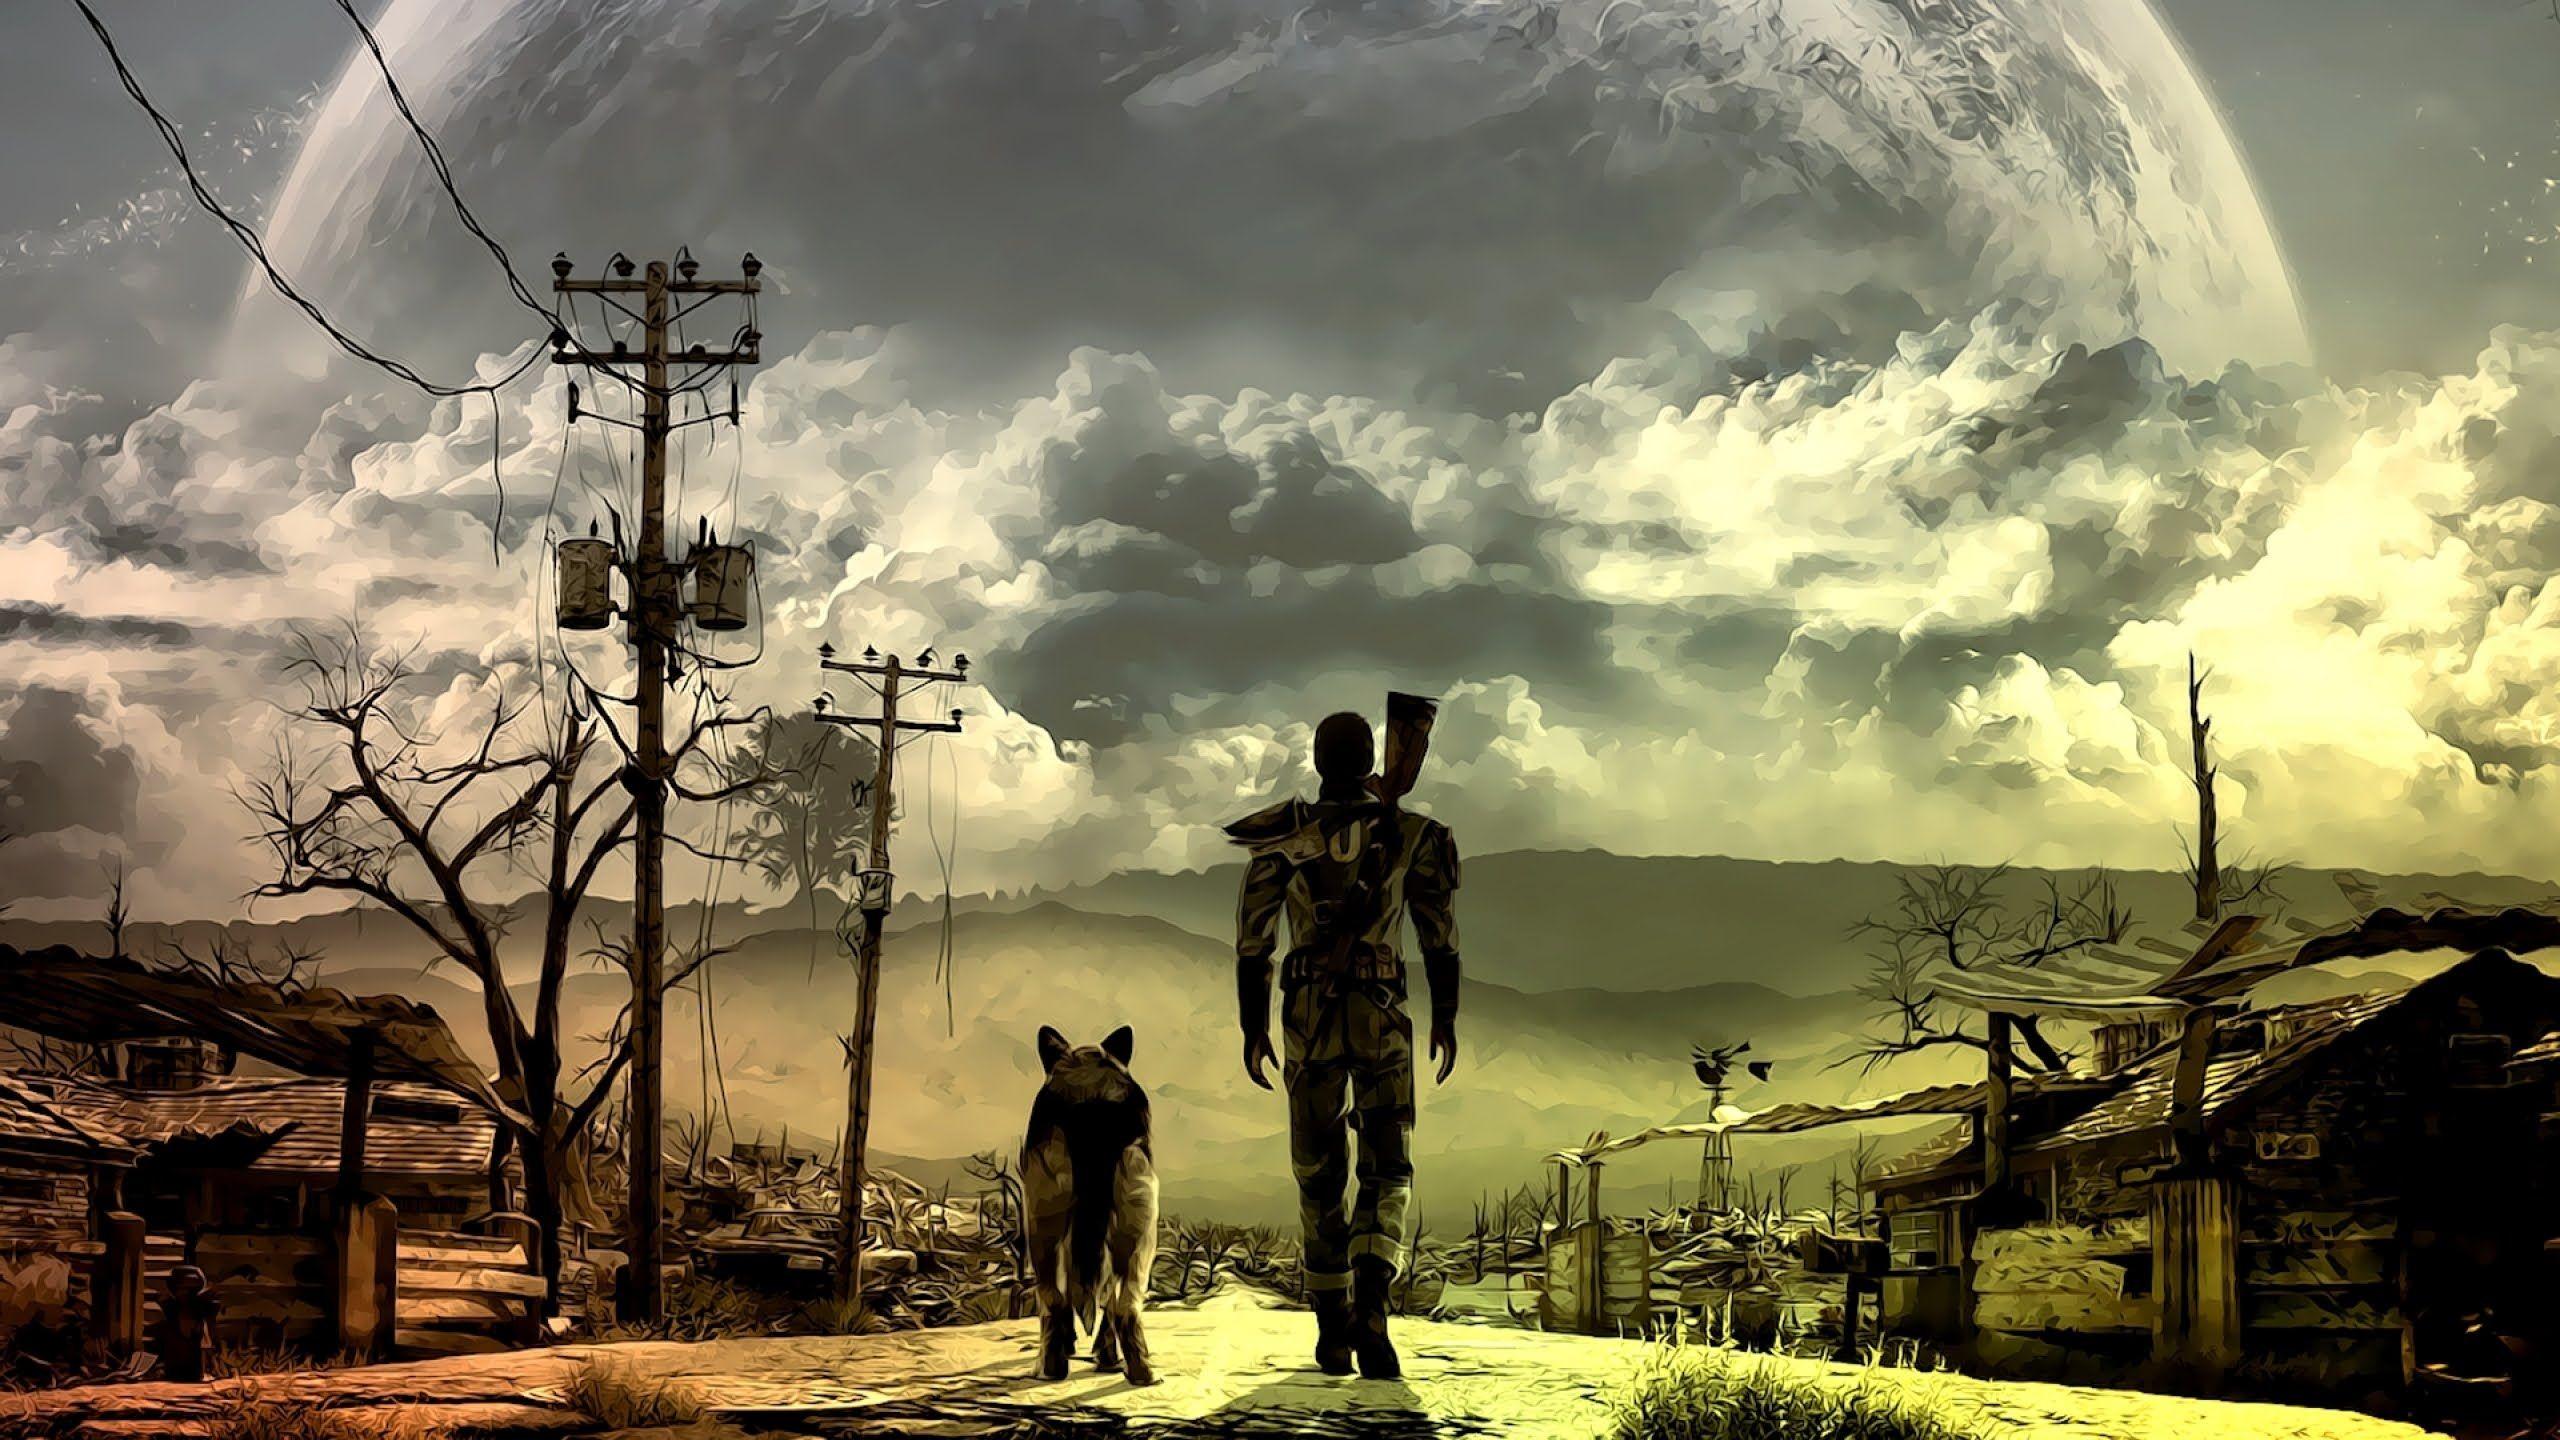 Fallout 4 29 Hd Wallpaper Wallpaper 0 HTML code. Games December 26, 2015 .  Views: 214